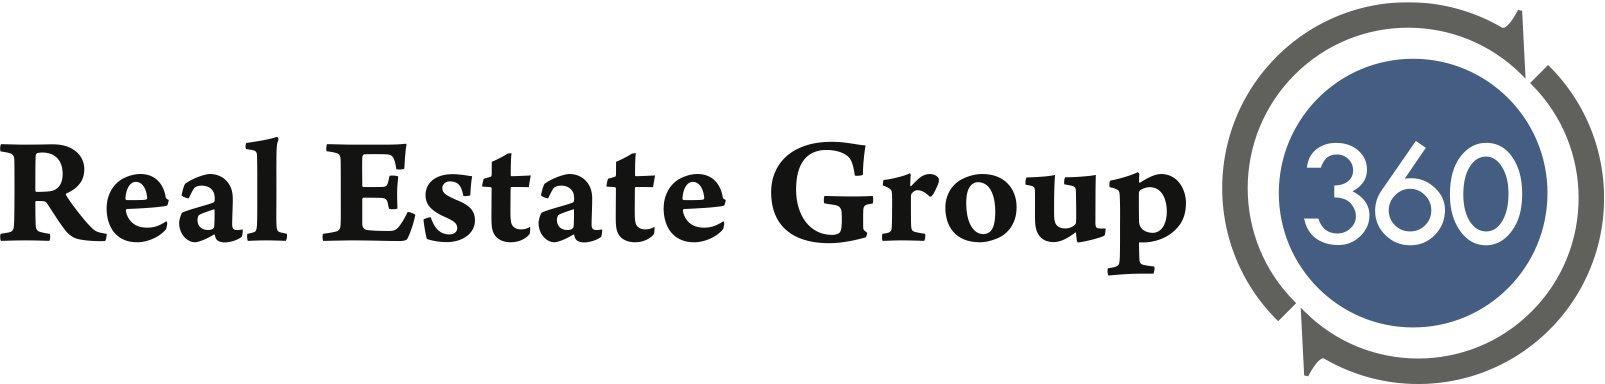 Real Estate Group 360 logo